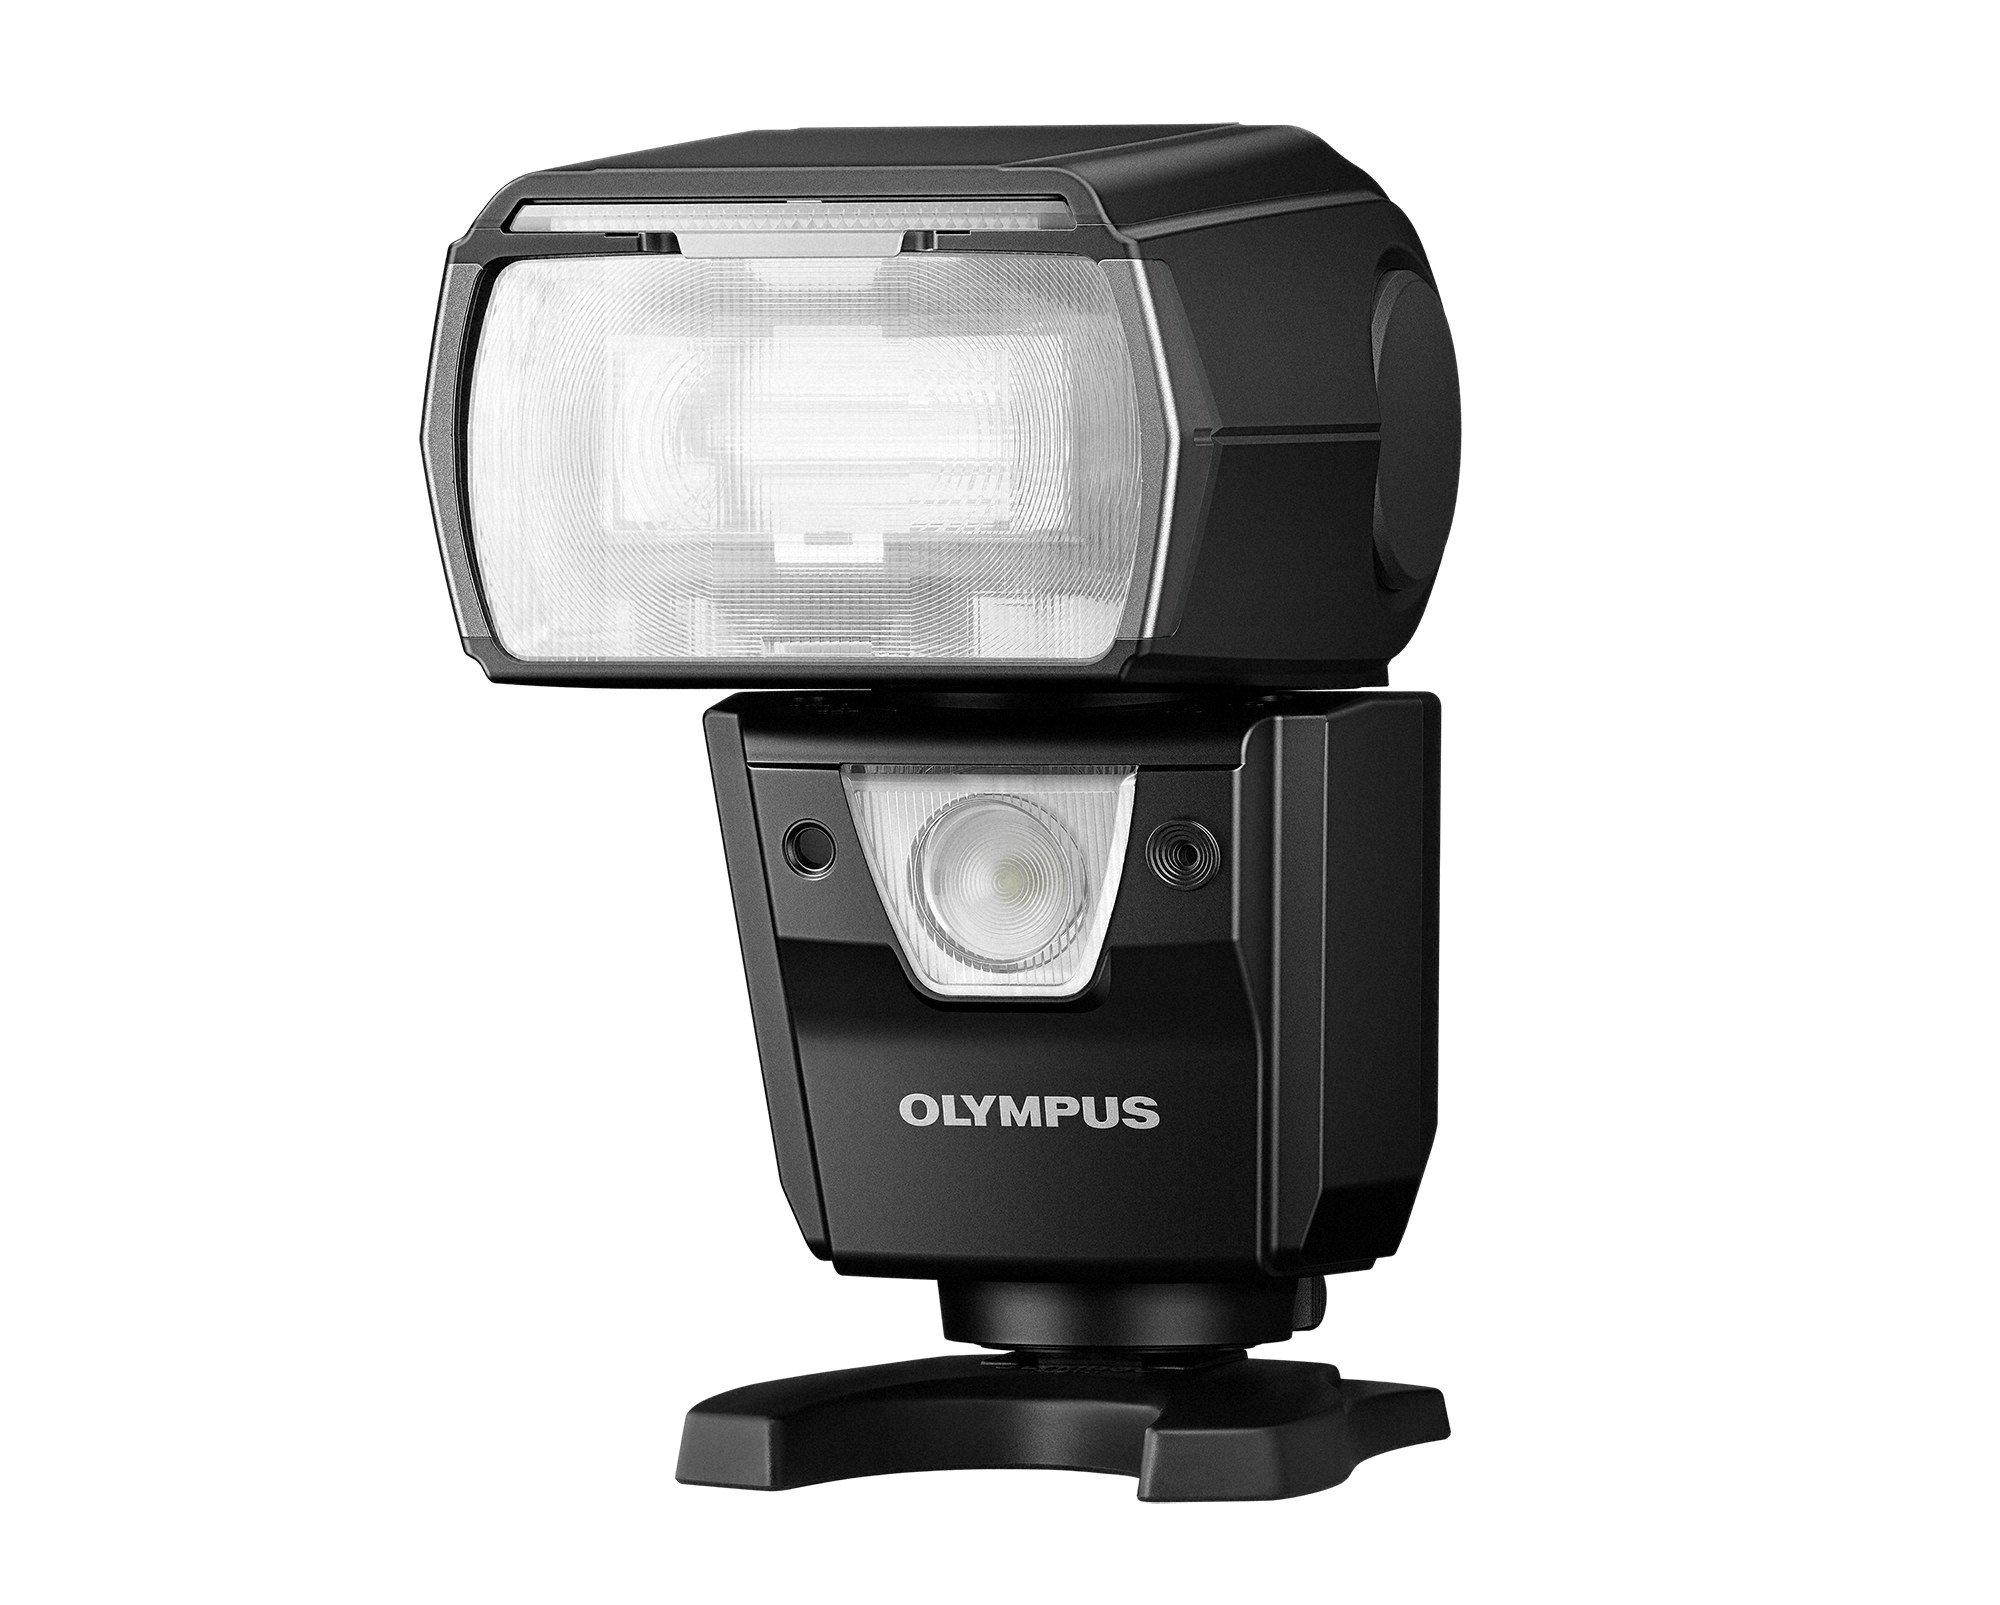 Olympus FL-900R High-Intensity Flash, Black by Olympus (Image #3)